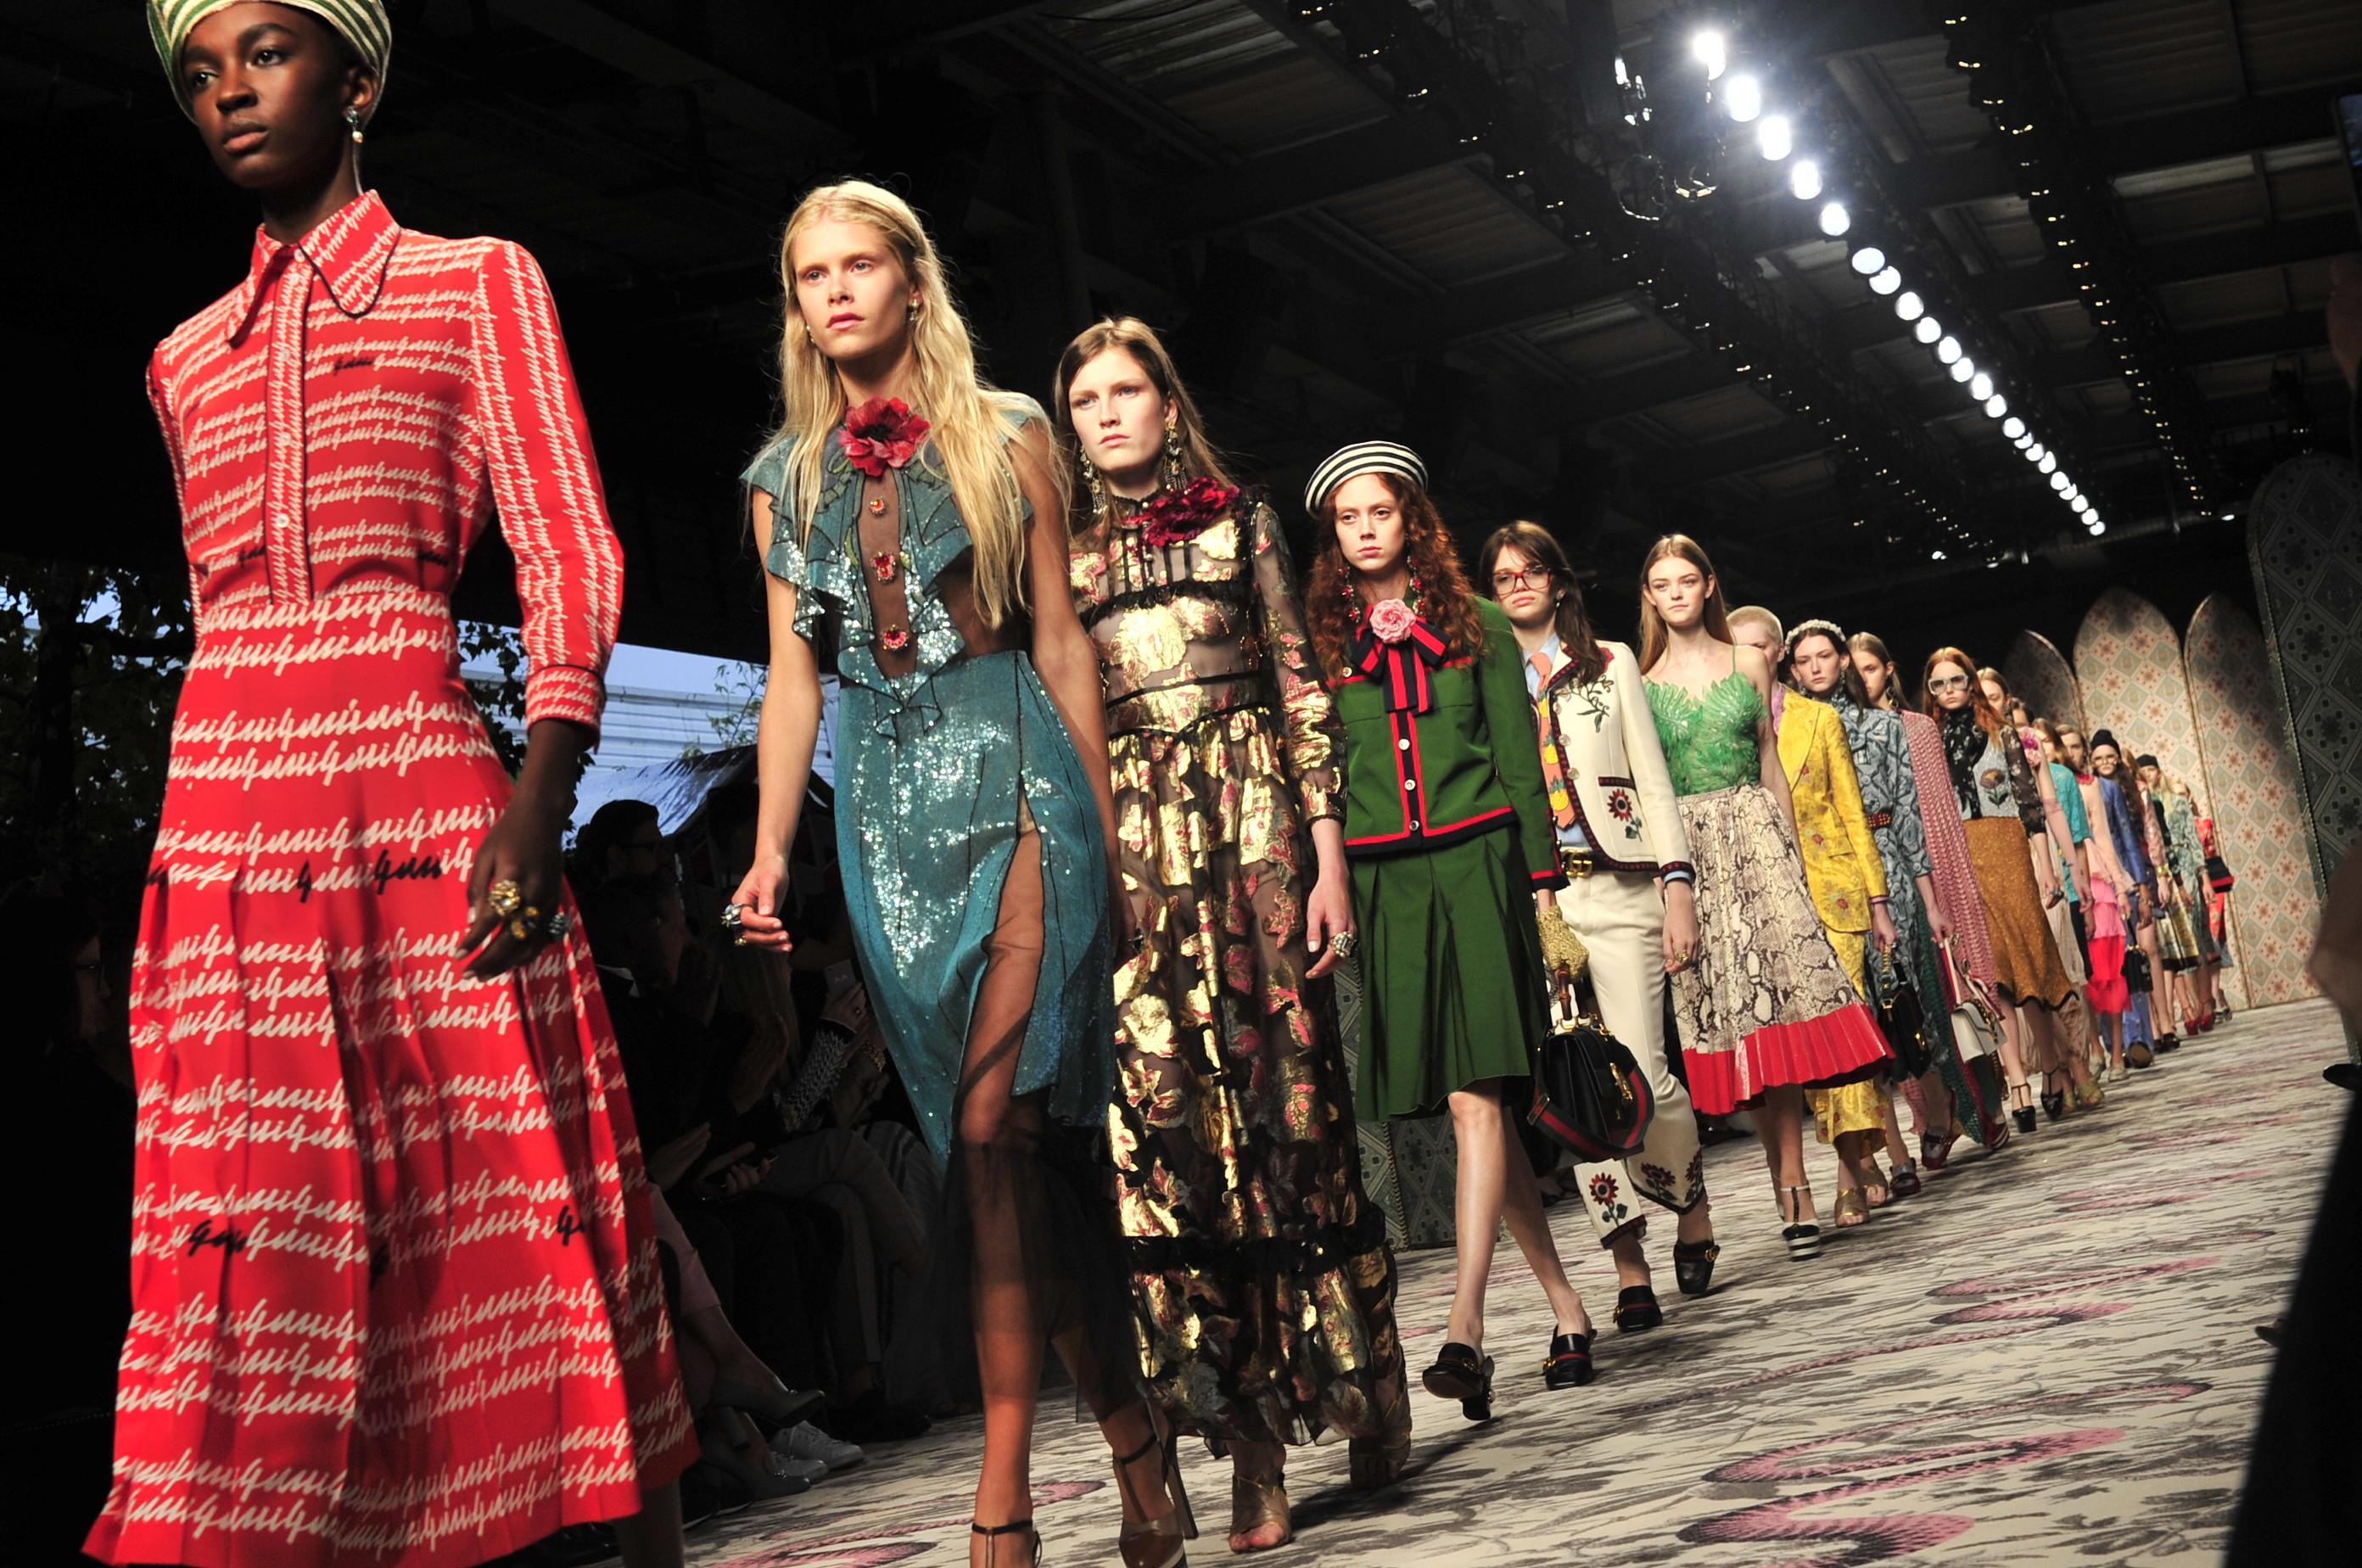 Beginilah Alasan Kota Milan Mendapat Julukan Sebagai Kota Paling Fashionable di Dunia